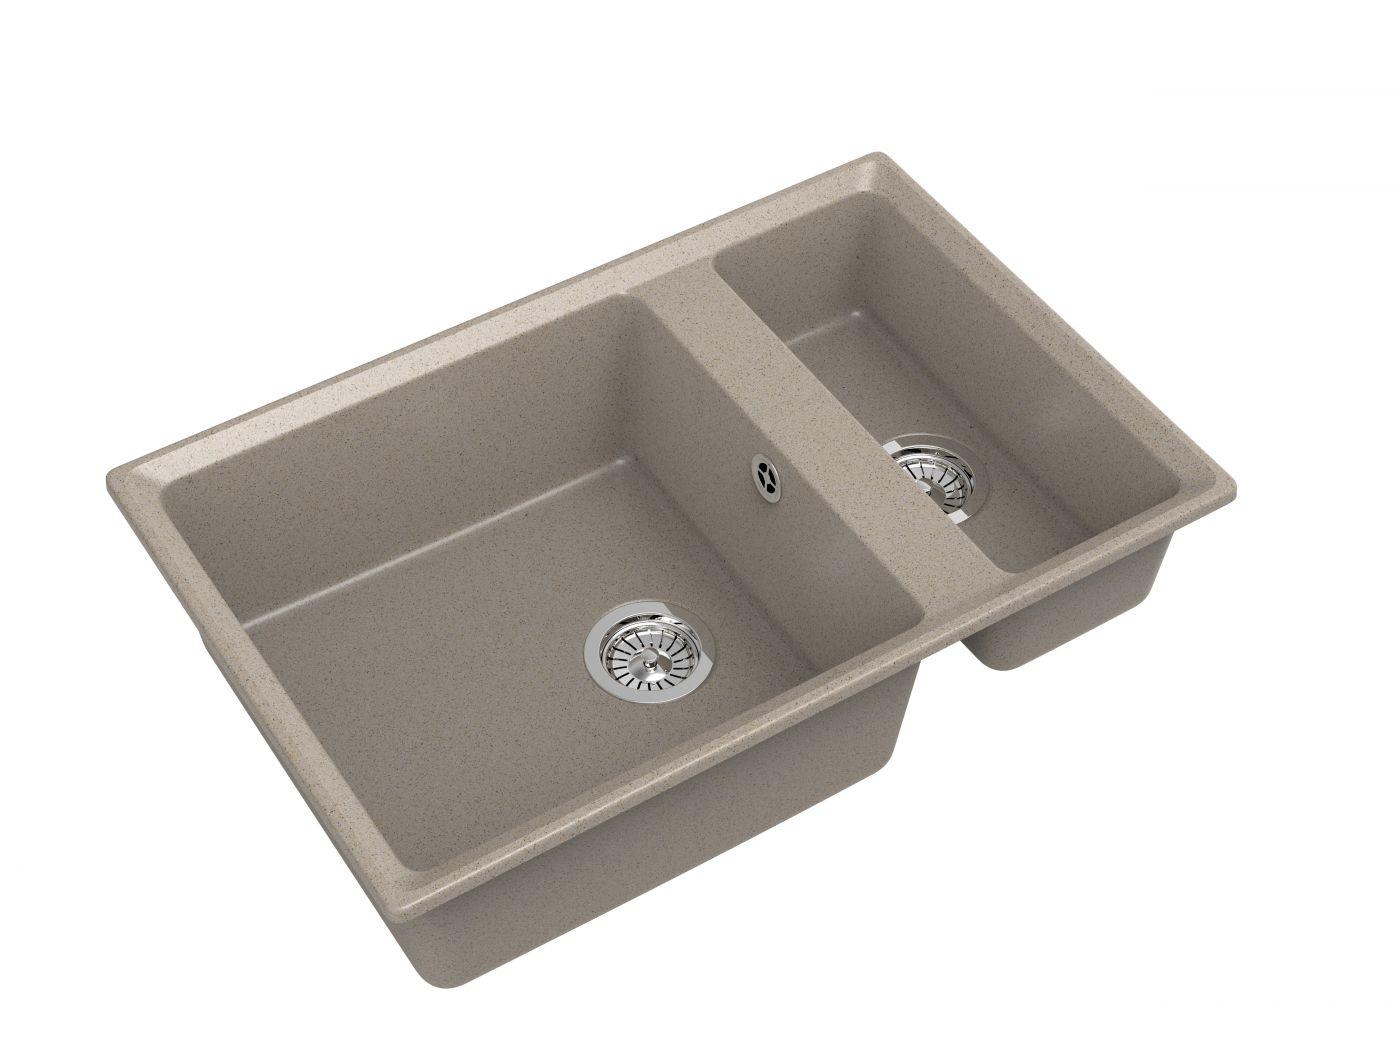 Мраморная мойка для кухни GranFest Level GF-LV760K Песочный